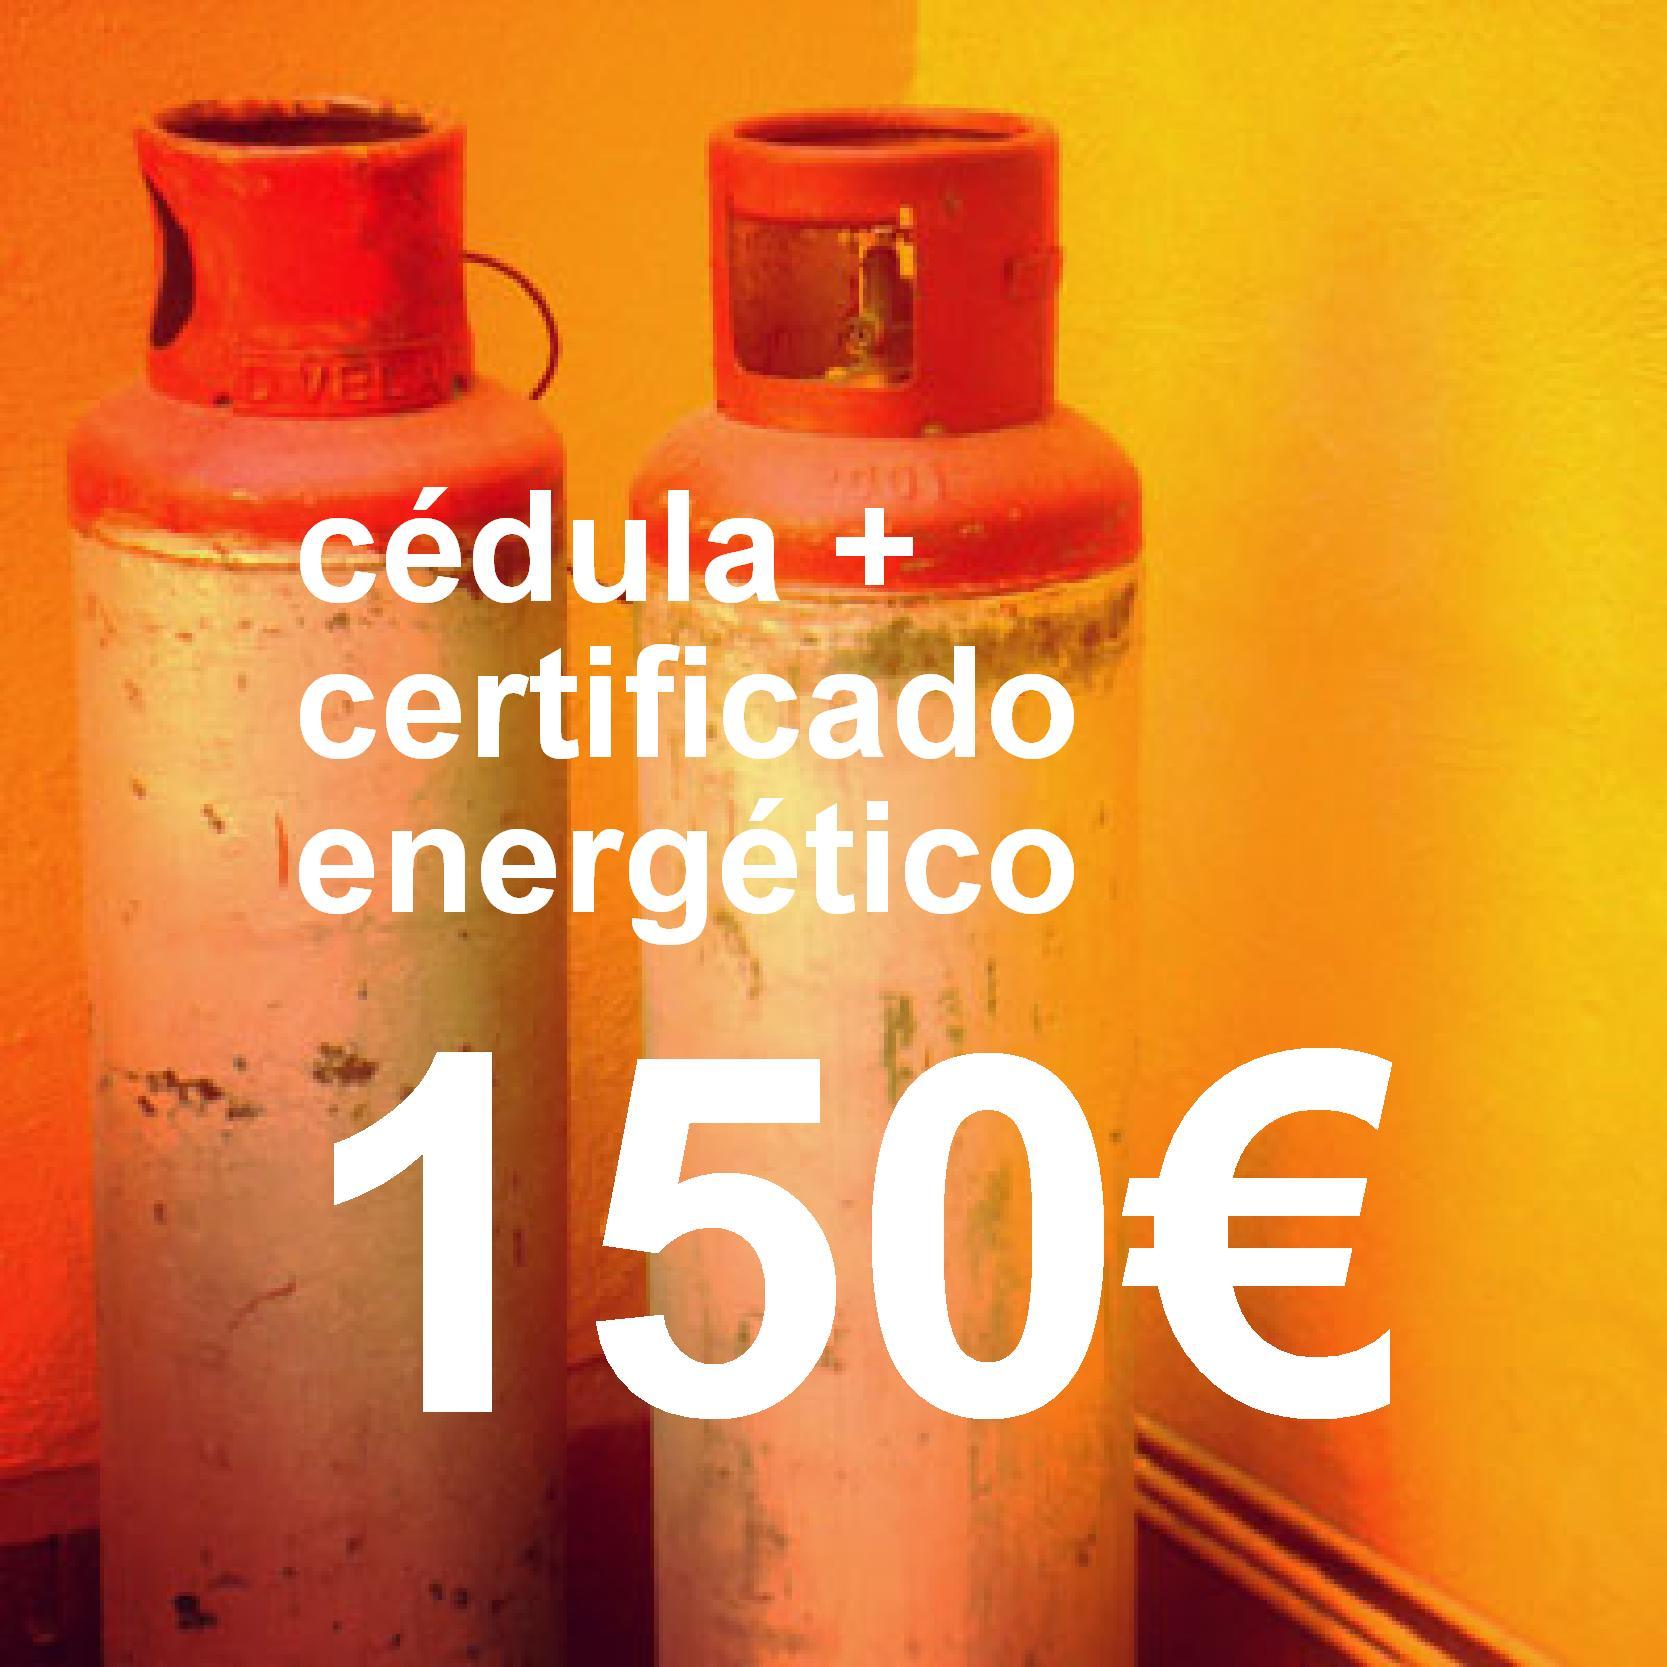 cedula-certificado-energetico.jpg